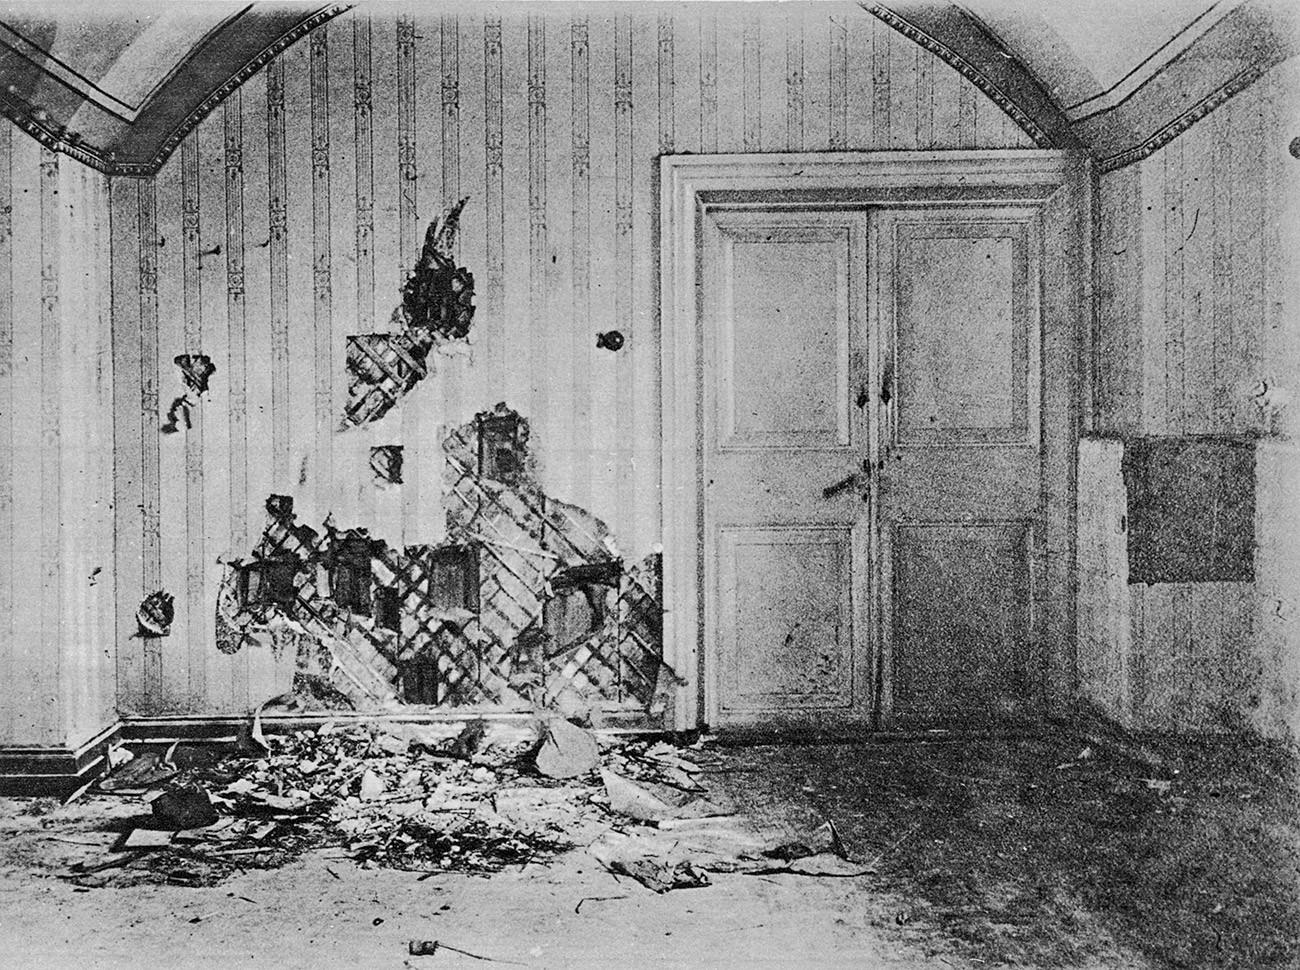 Подрумската просторија во куќата на Ипатјев во која се стрелани членовите на царското семејство и нивните слуги, 1918.